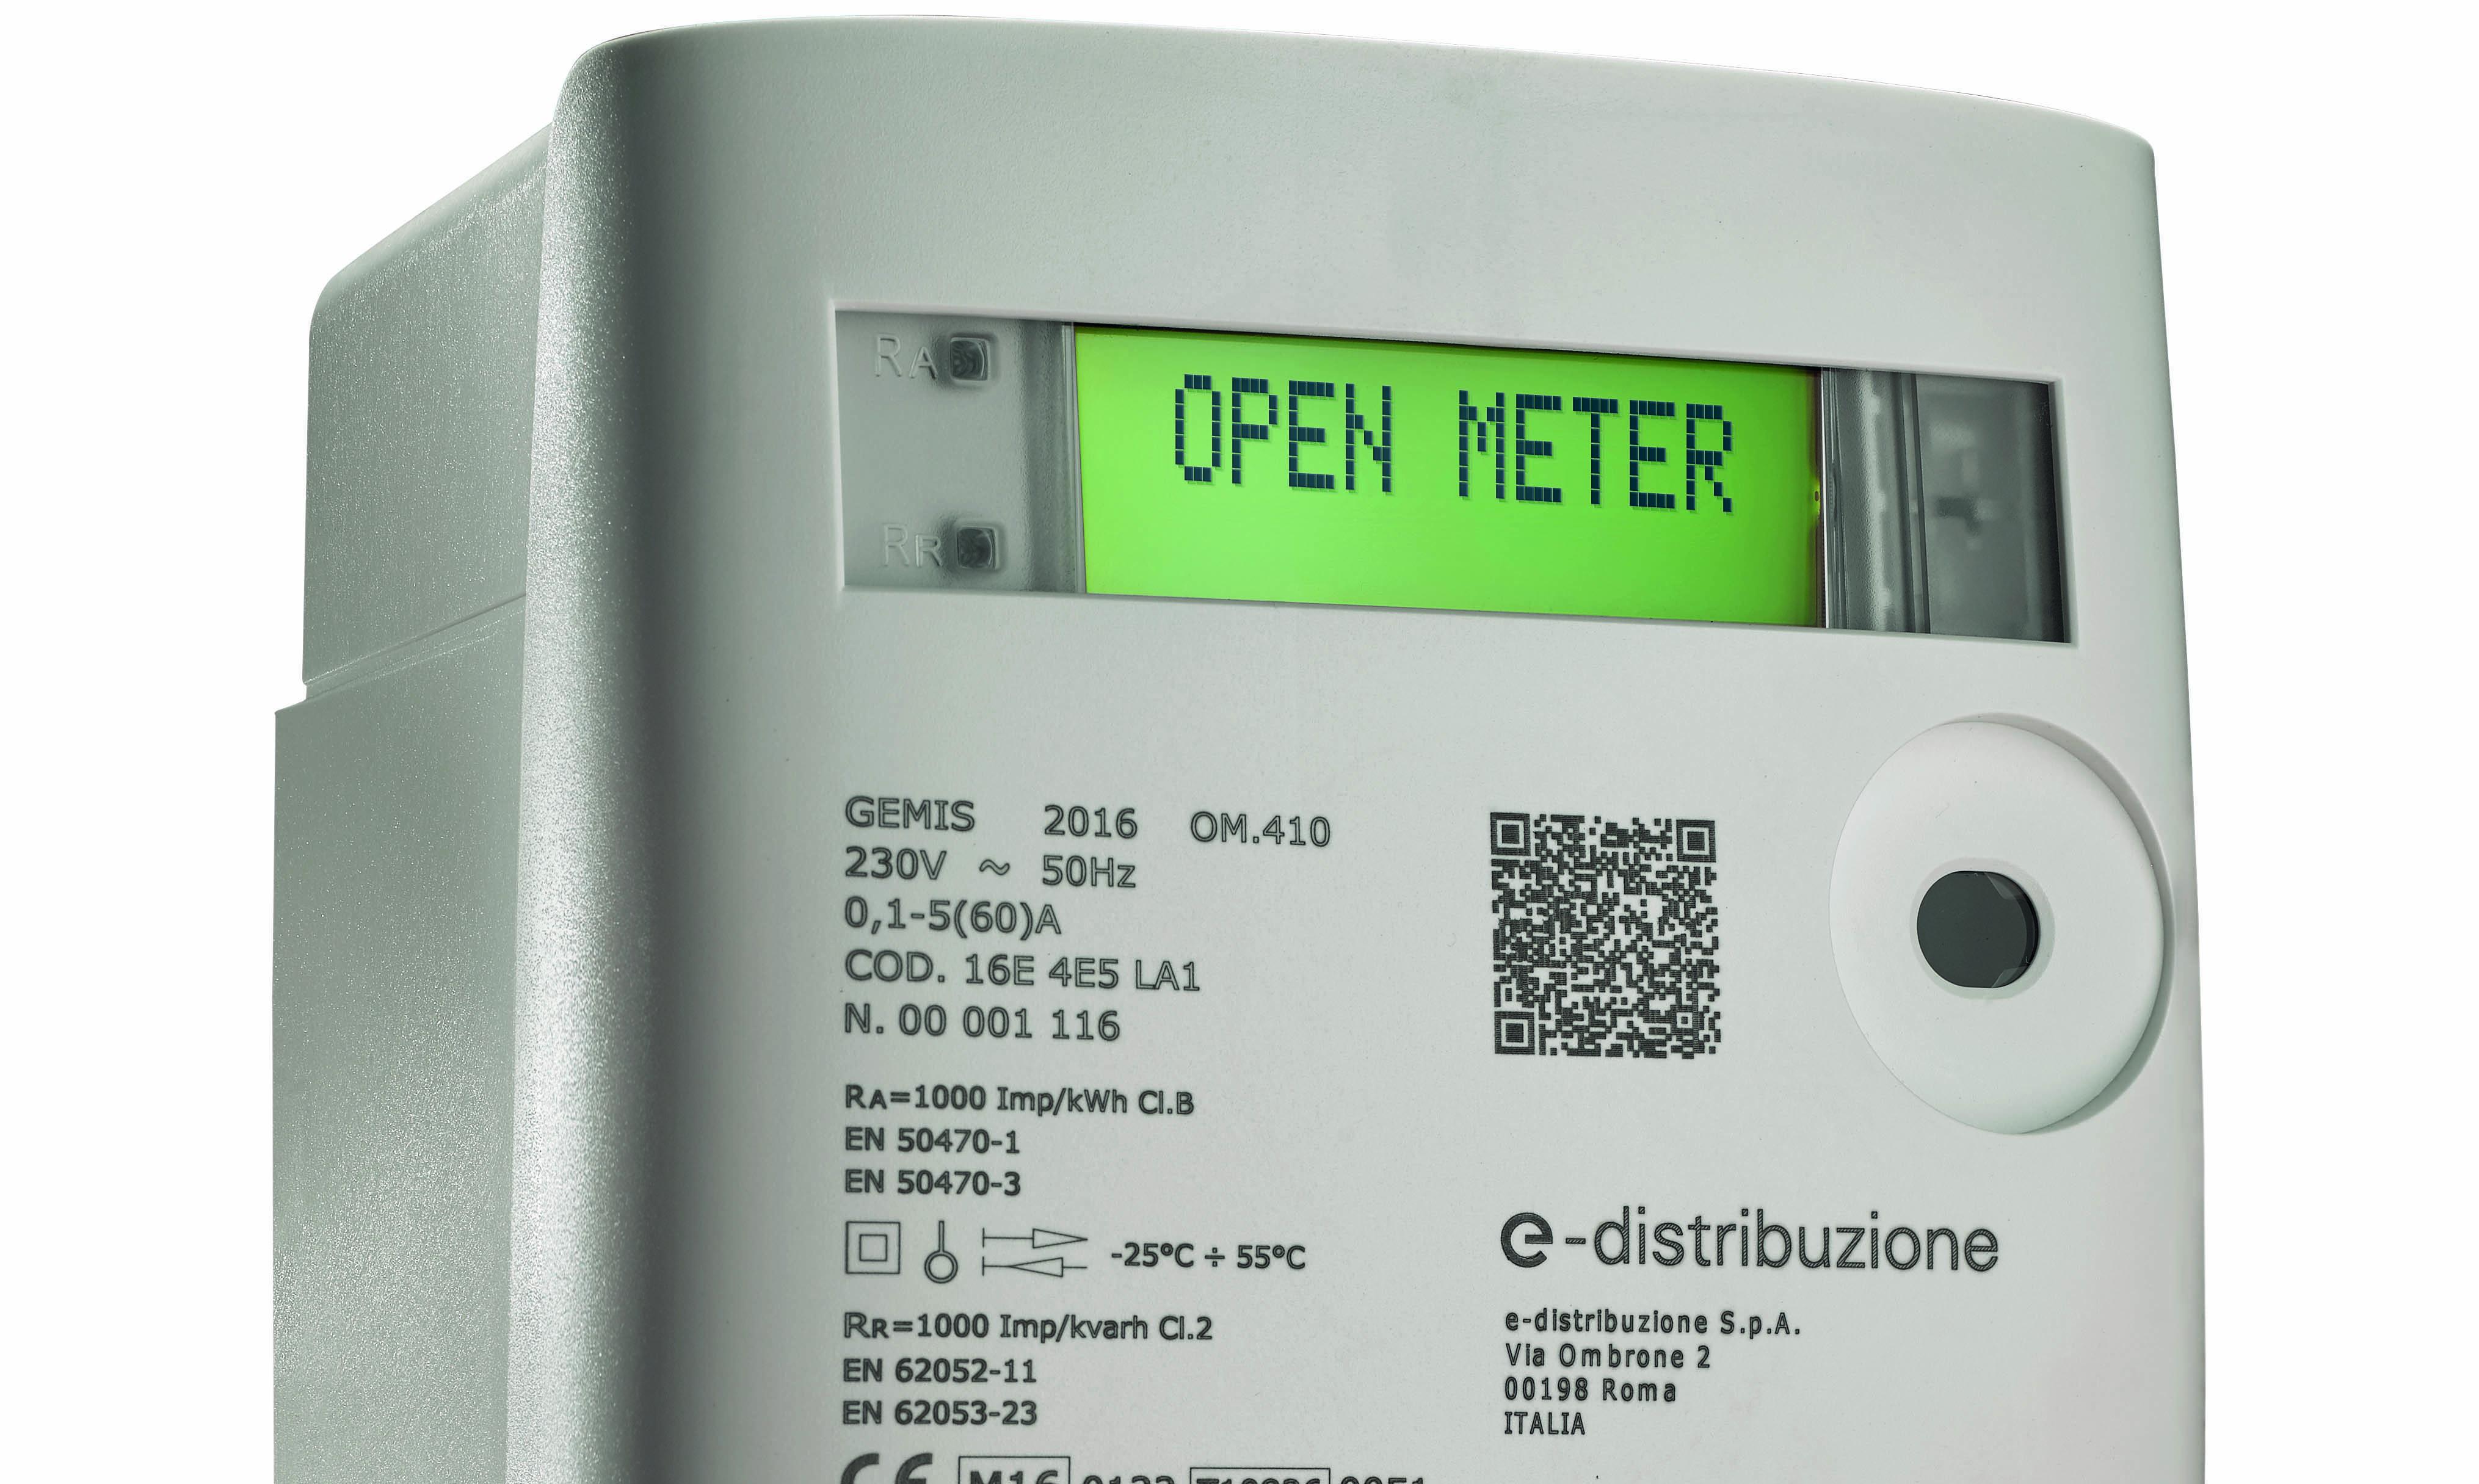 Sostituzione contatori elettronici: da settembre e-distribuzione sostituirà i contatori dell'energia elettrica